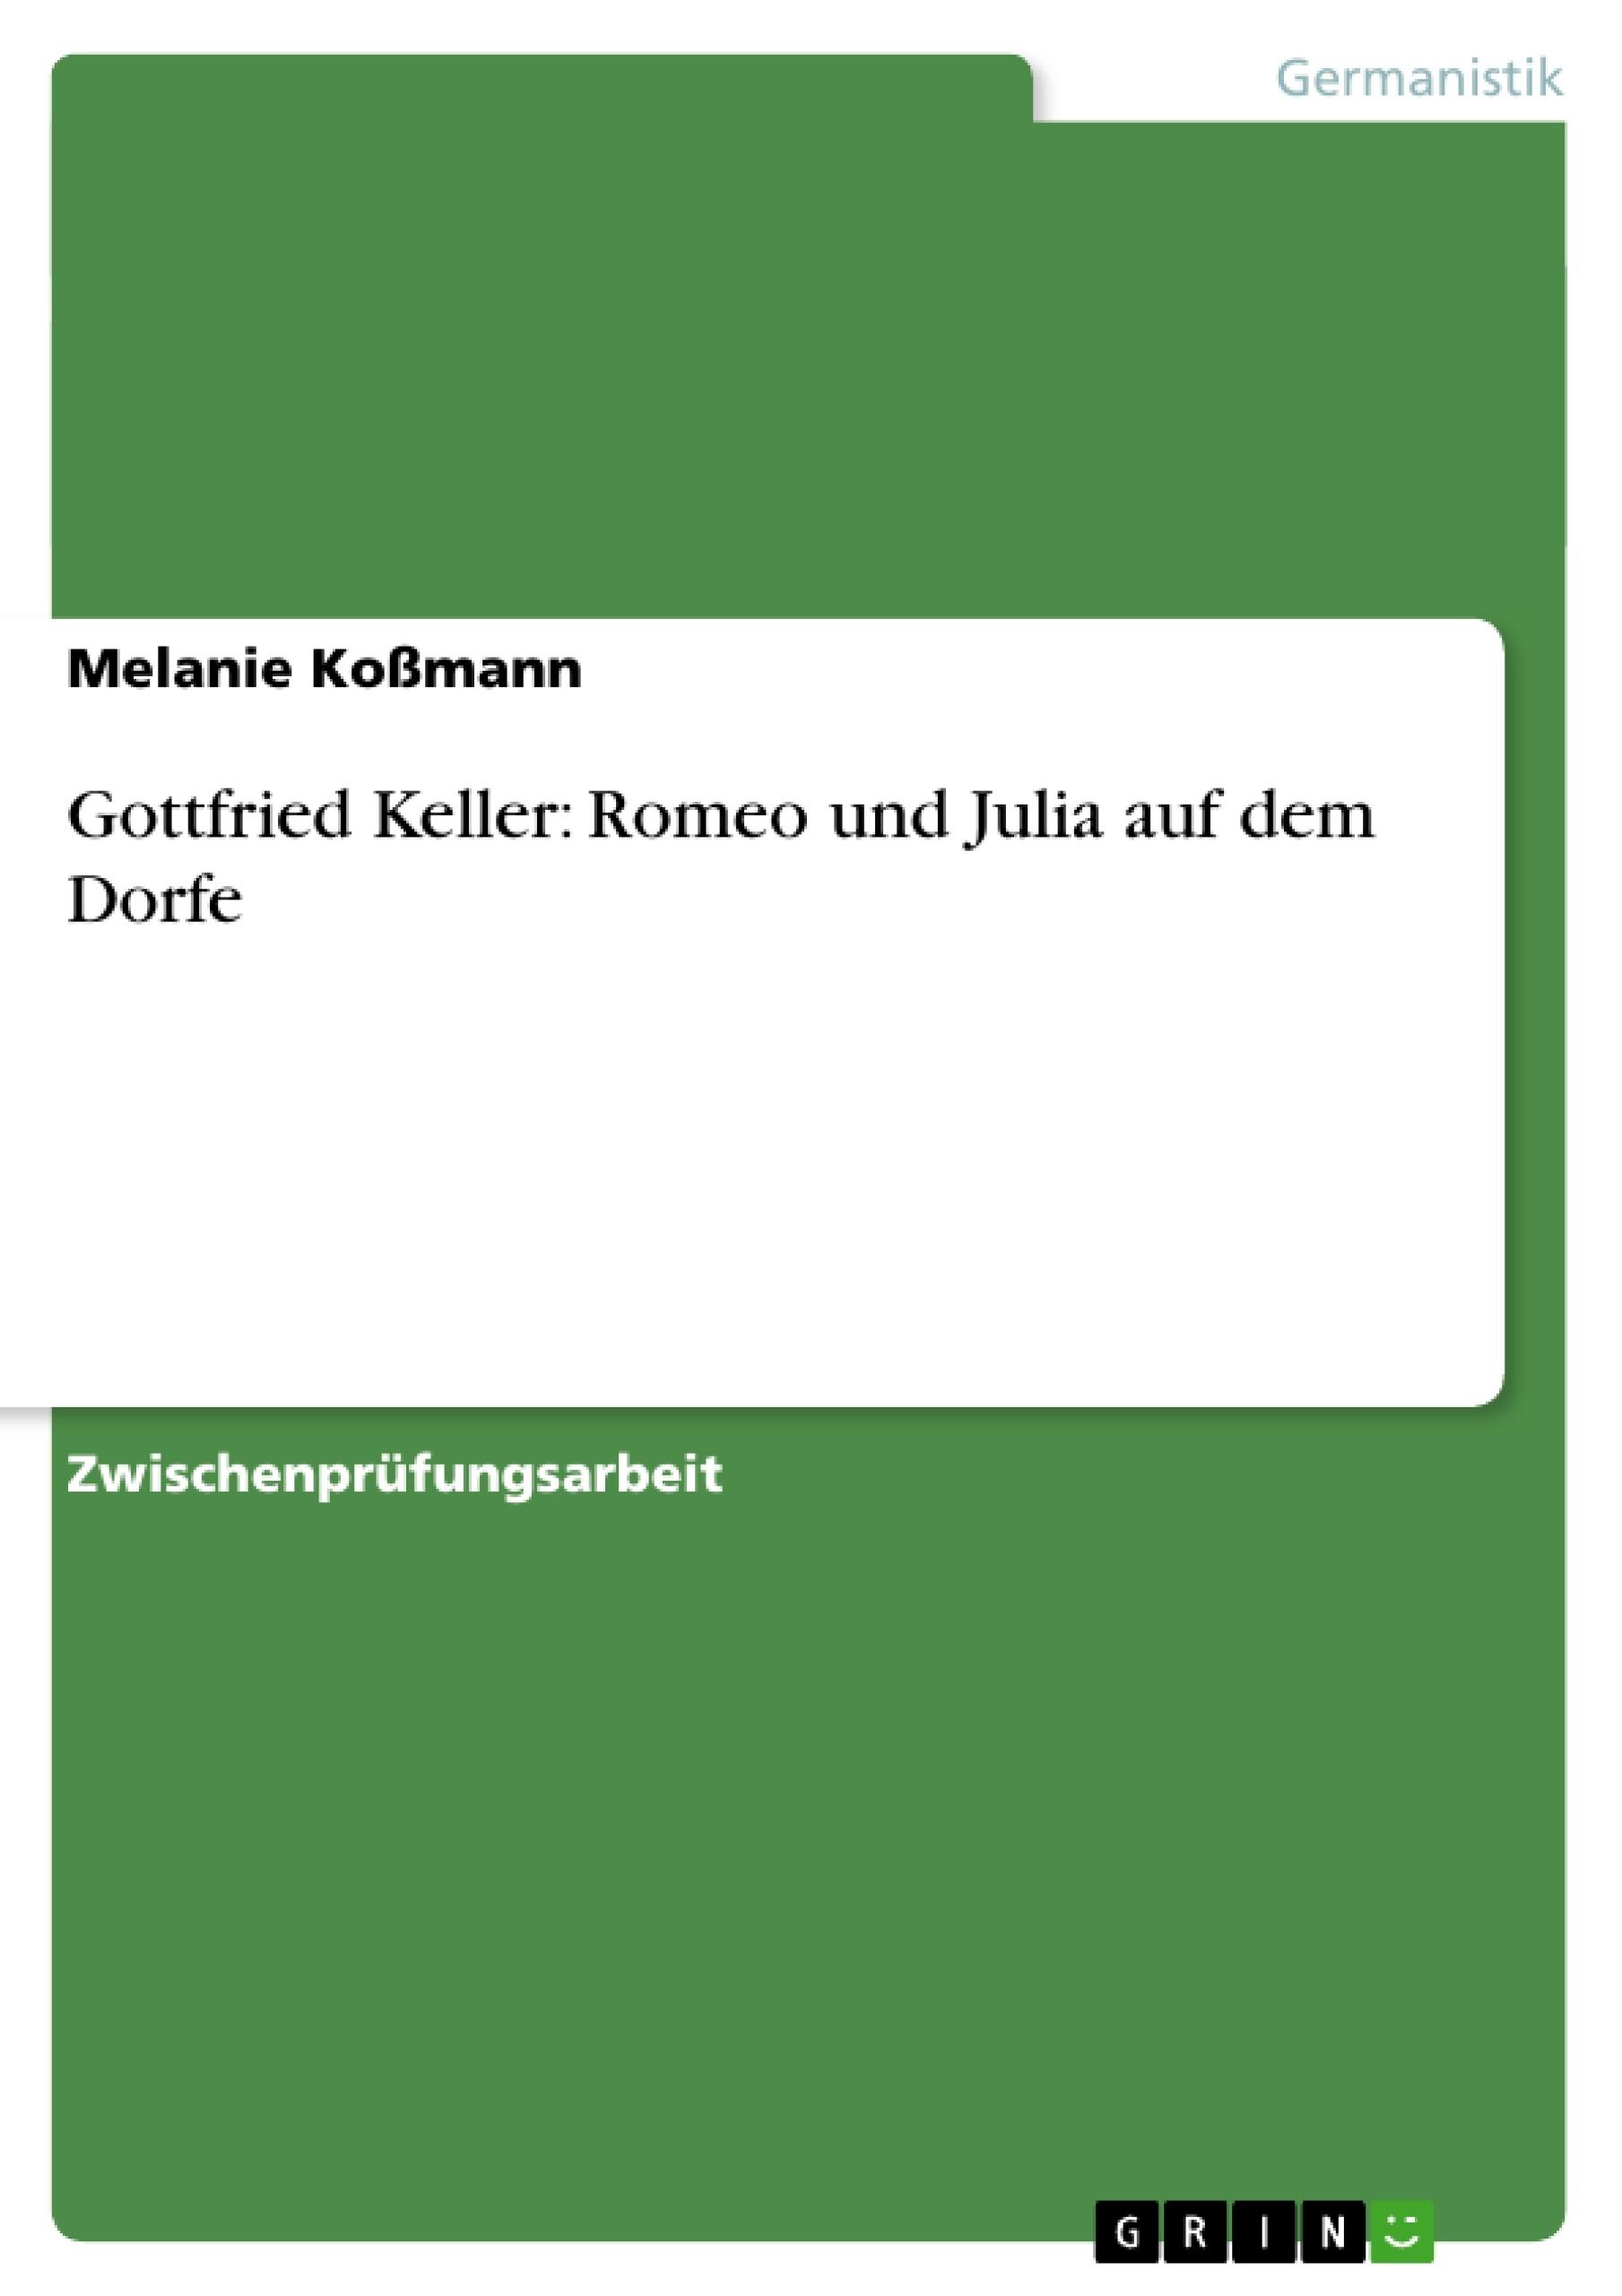 Titel: Gottfried Keller: Romeo und Julia auf dem Dorfe